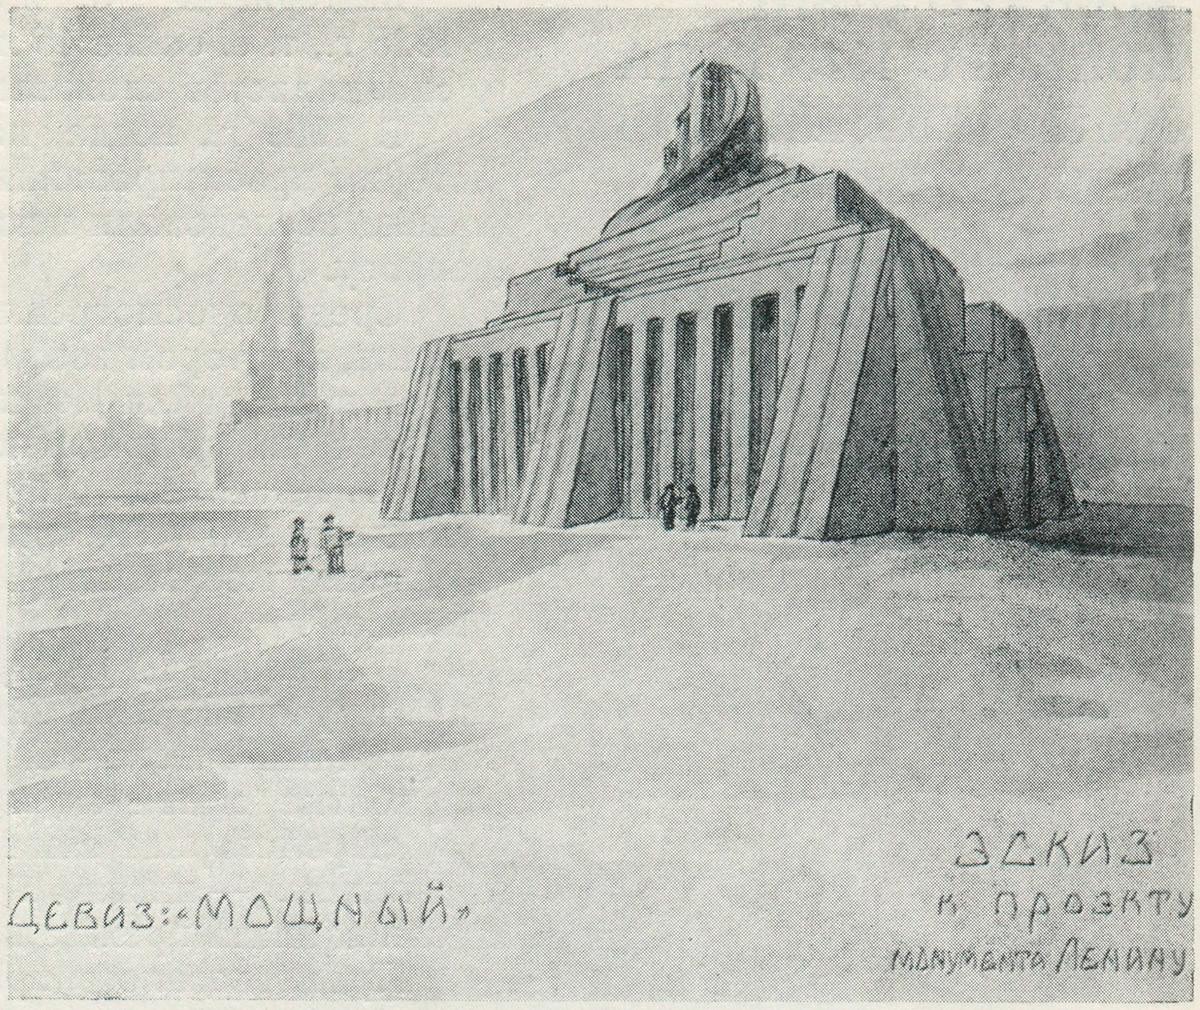 Ein Mausoleum-Projekt von V. M. Parodin-Nardson.